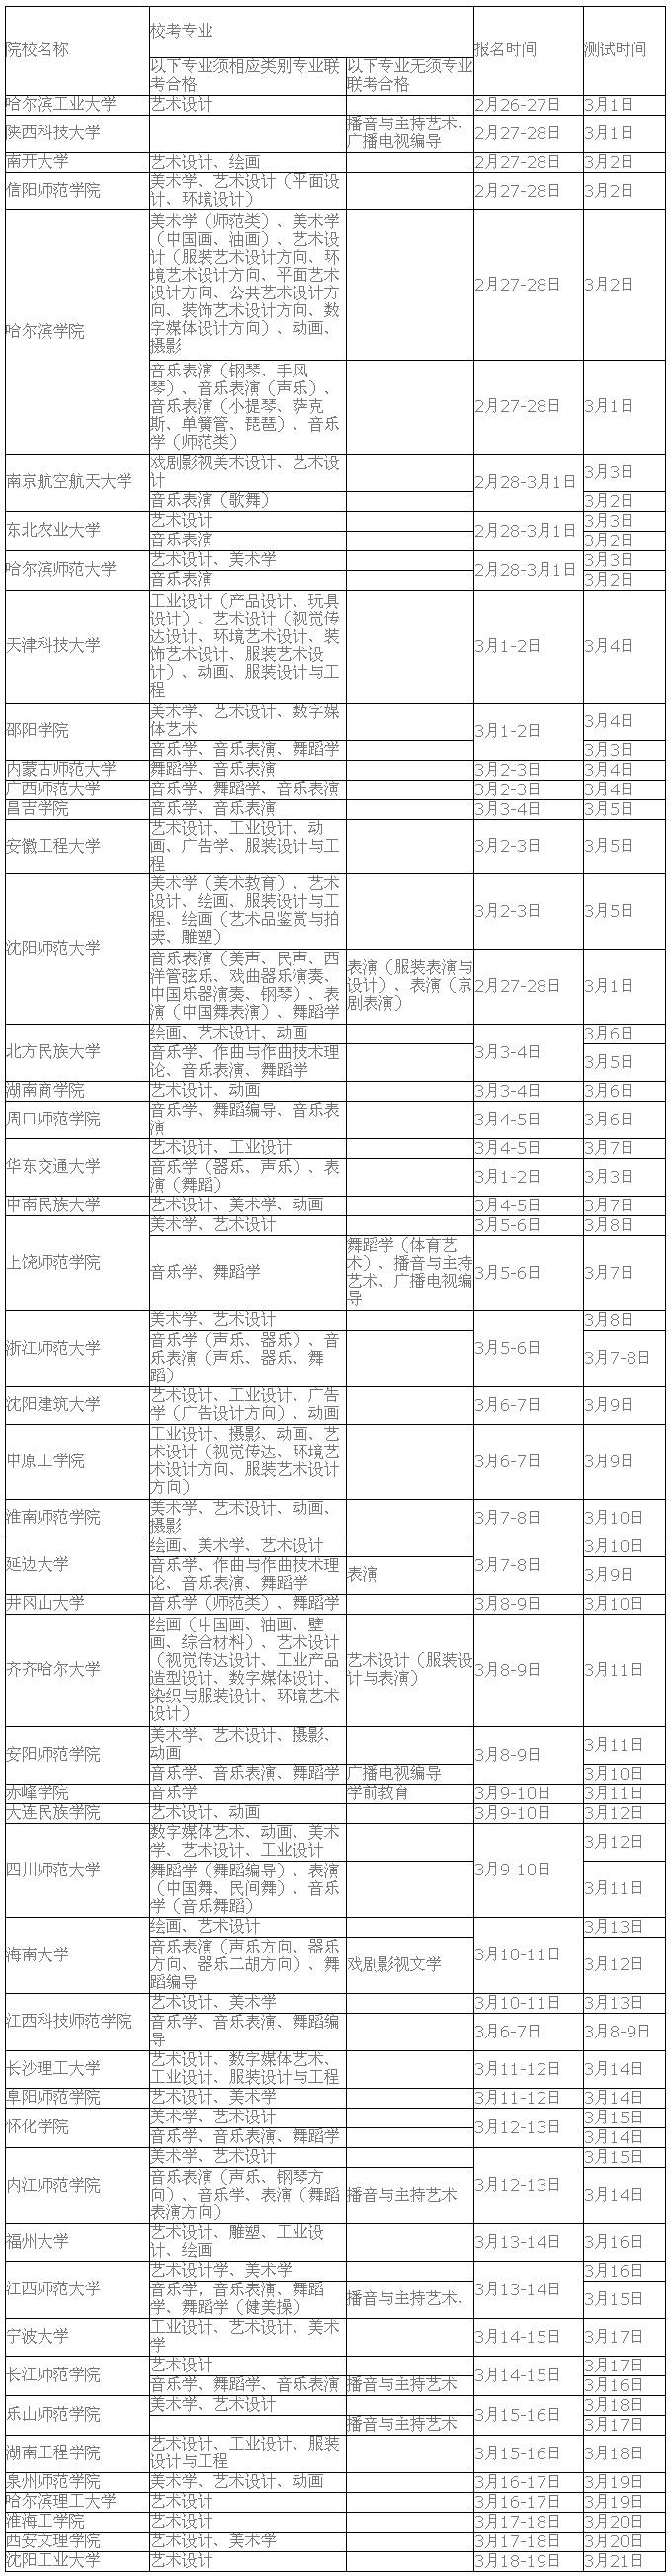 在河北省3月份校考学校